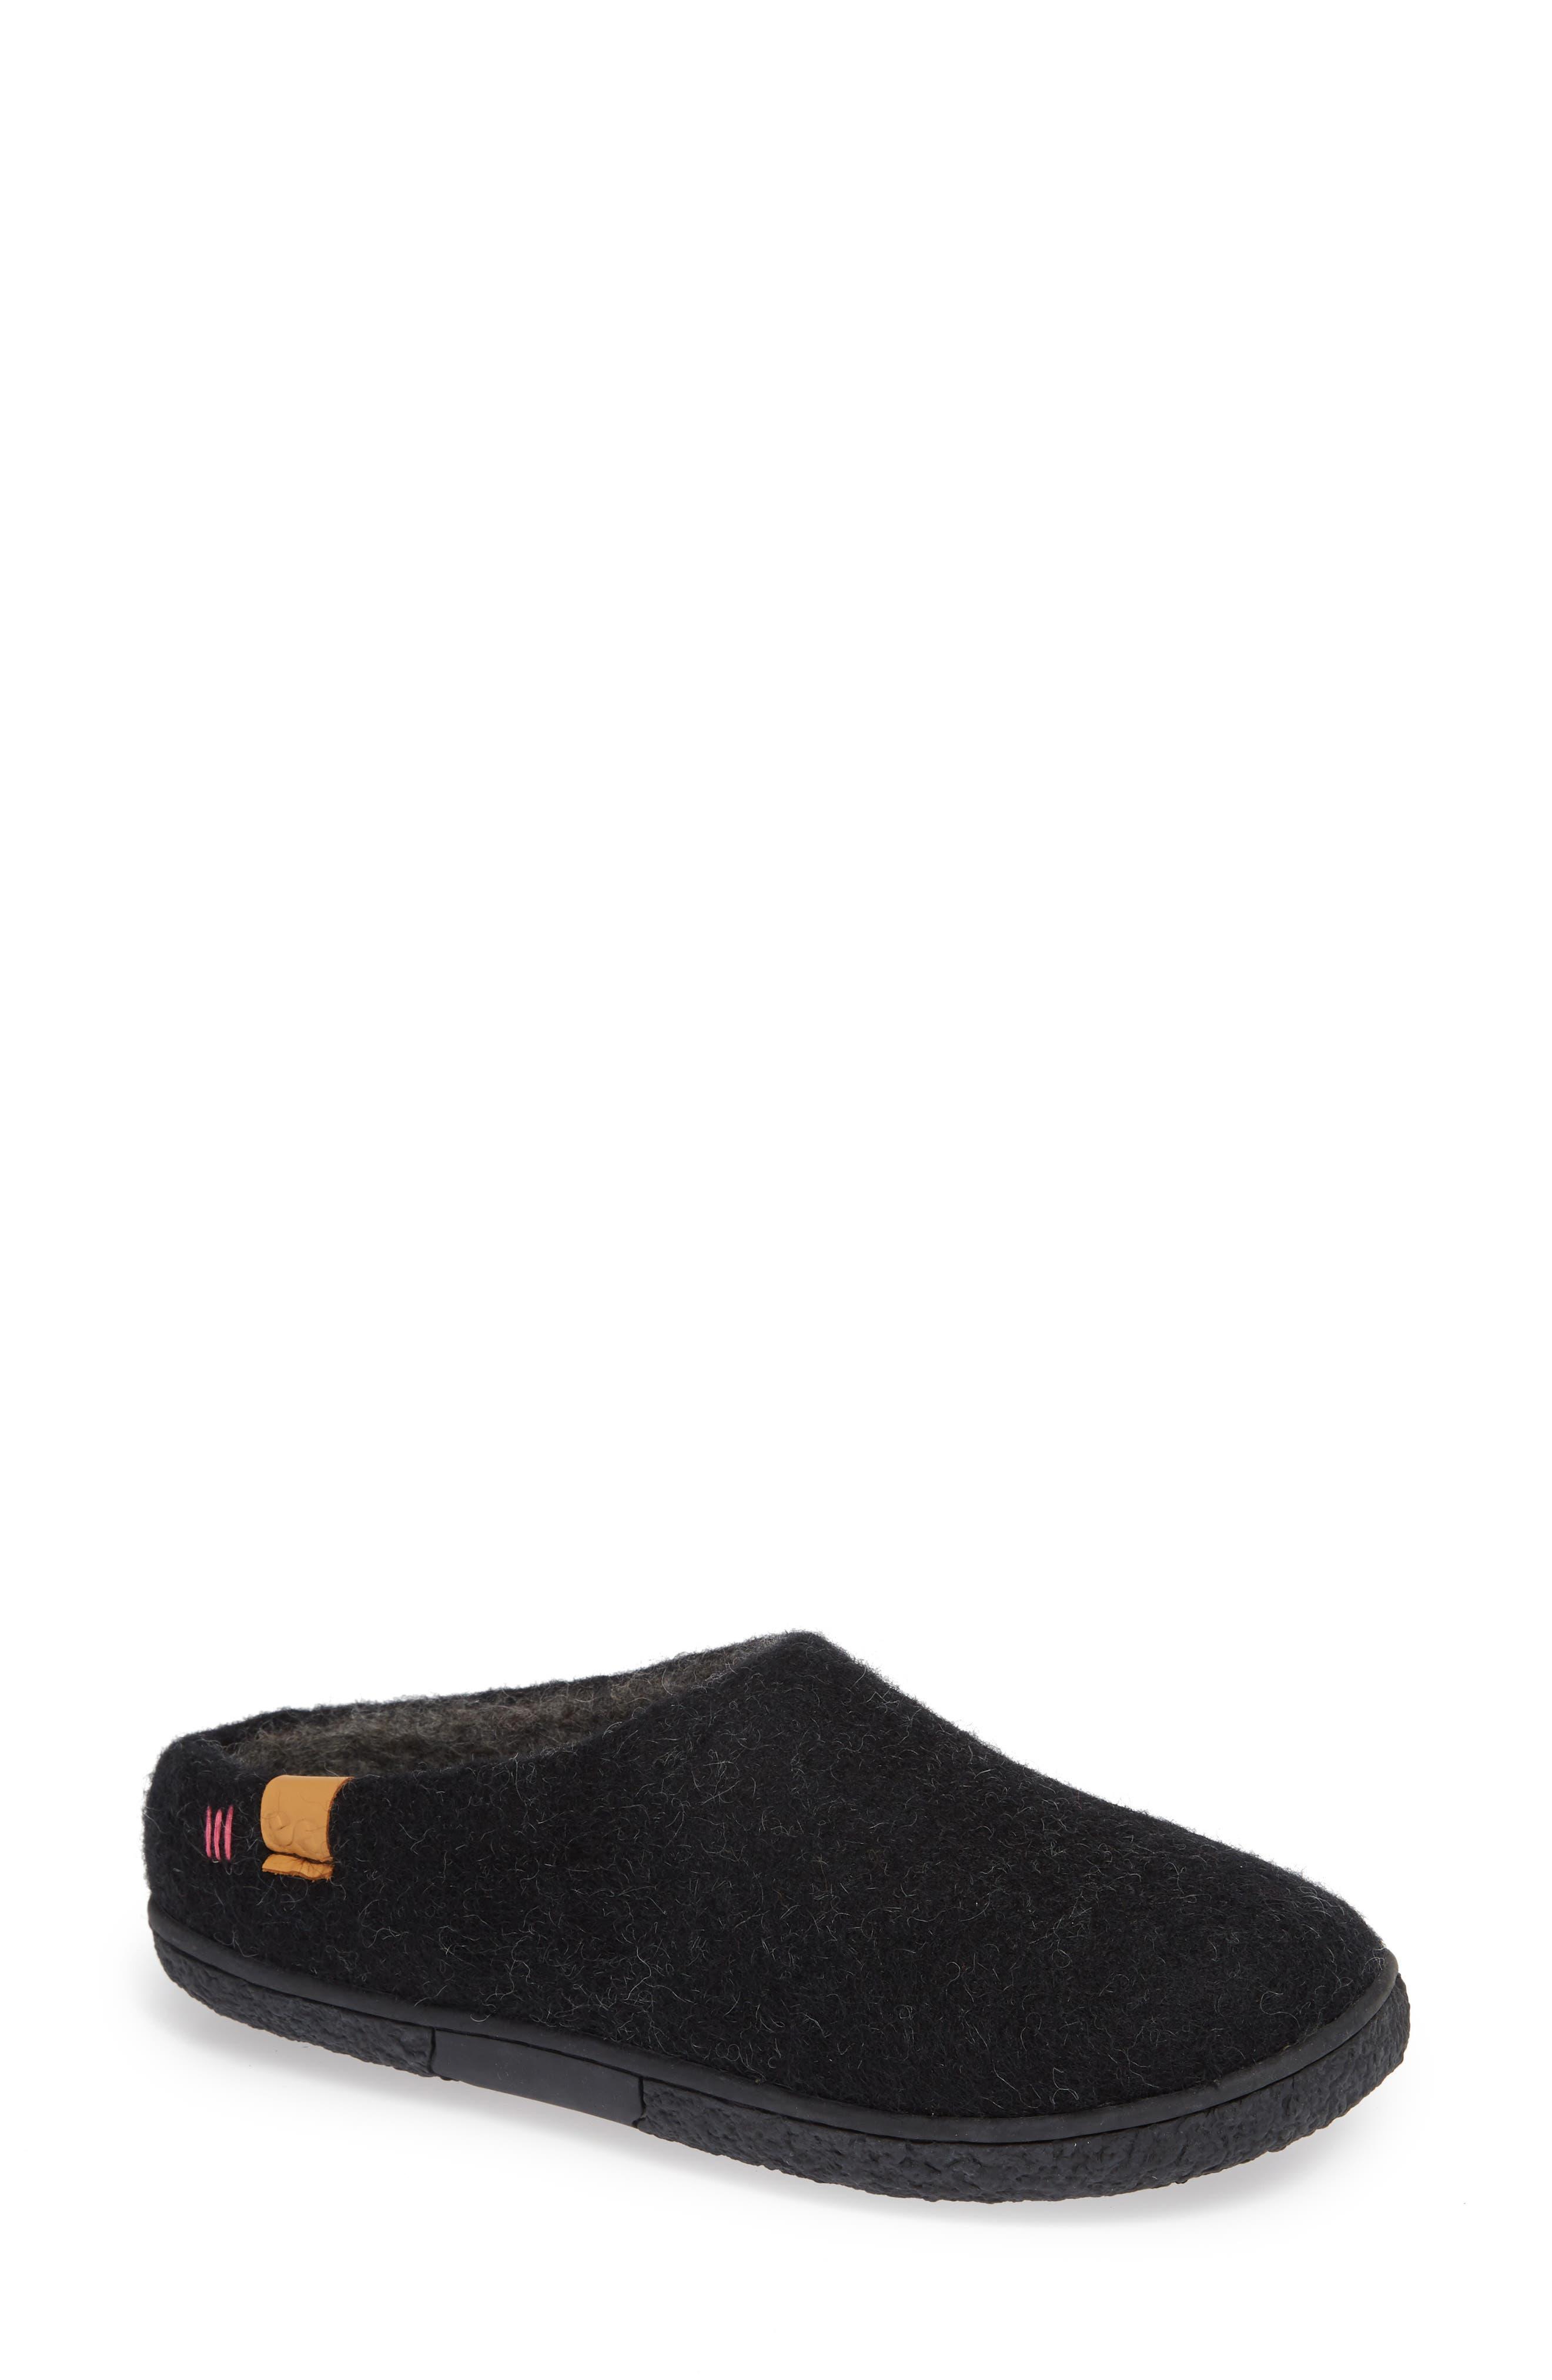 Tibet Wool Slipper,                         Main,                         color, BLACK WOOL